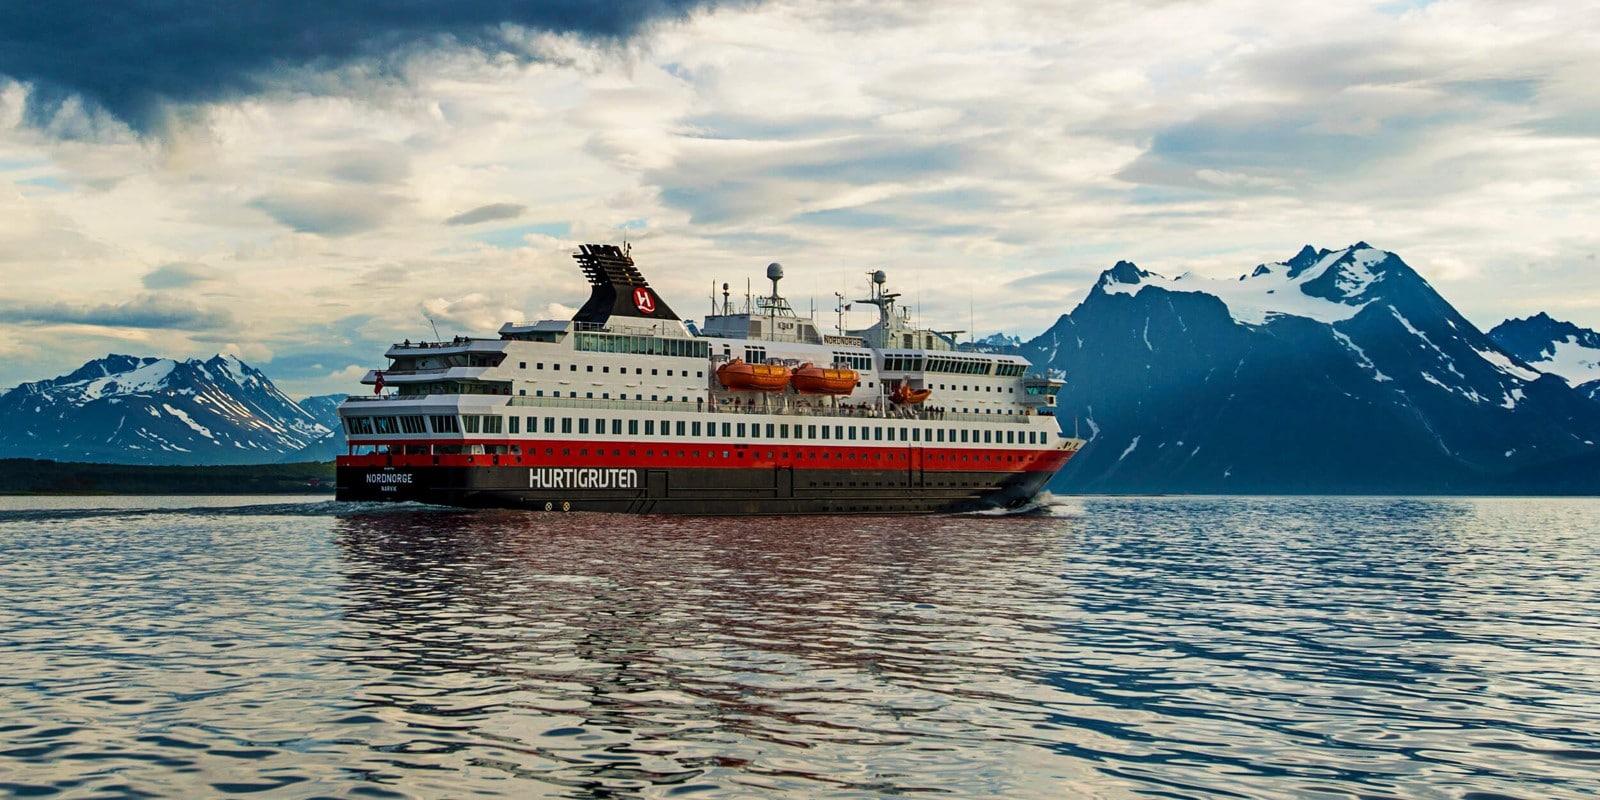 Hurtigruten stellt Betrieb nach Corona-Ausbruch vorübergehend aus